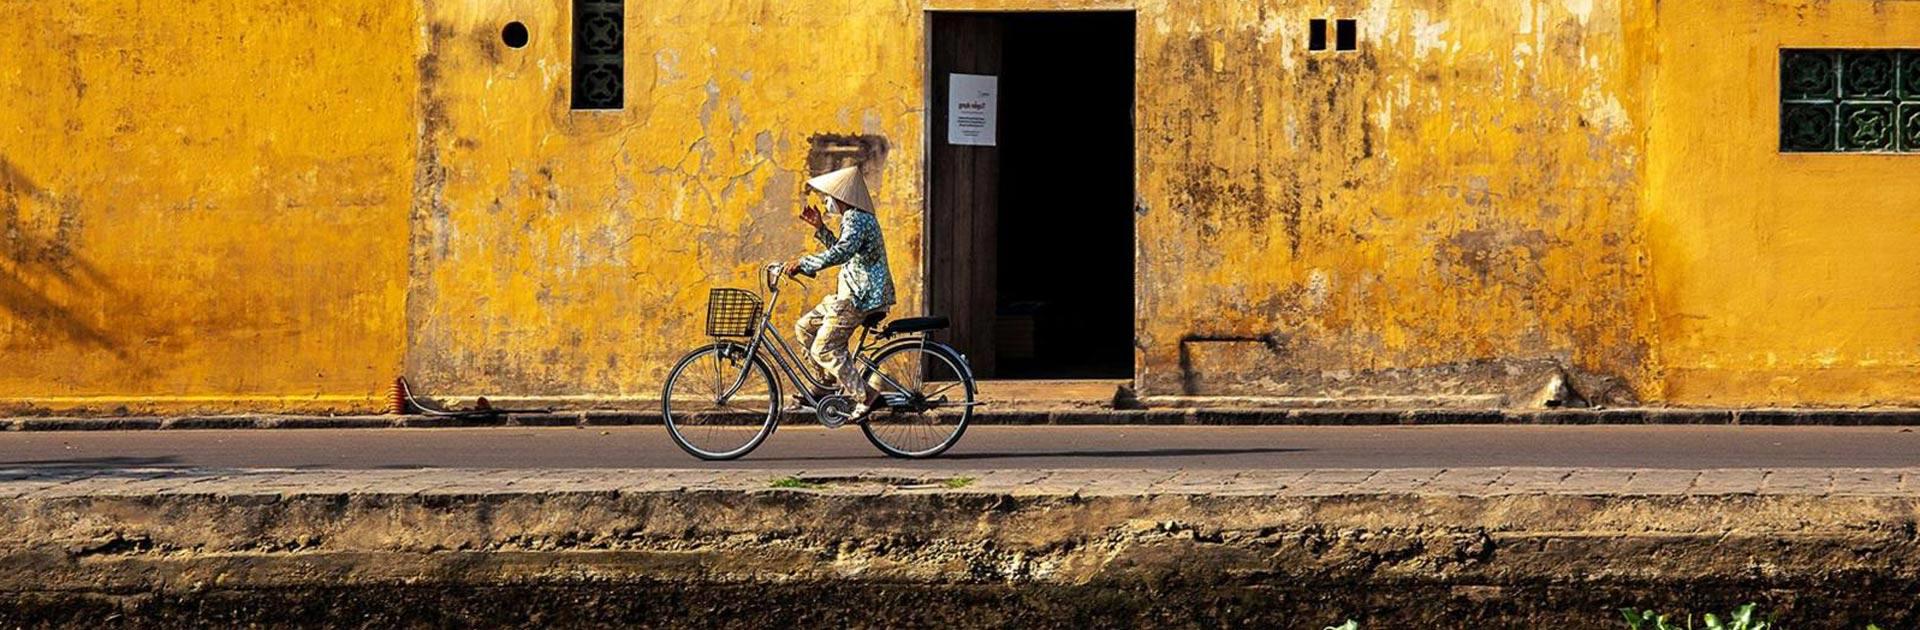 VN Encantos de Vietnam y Phu Quoc 14 días 3